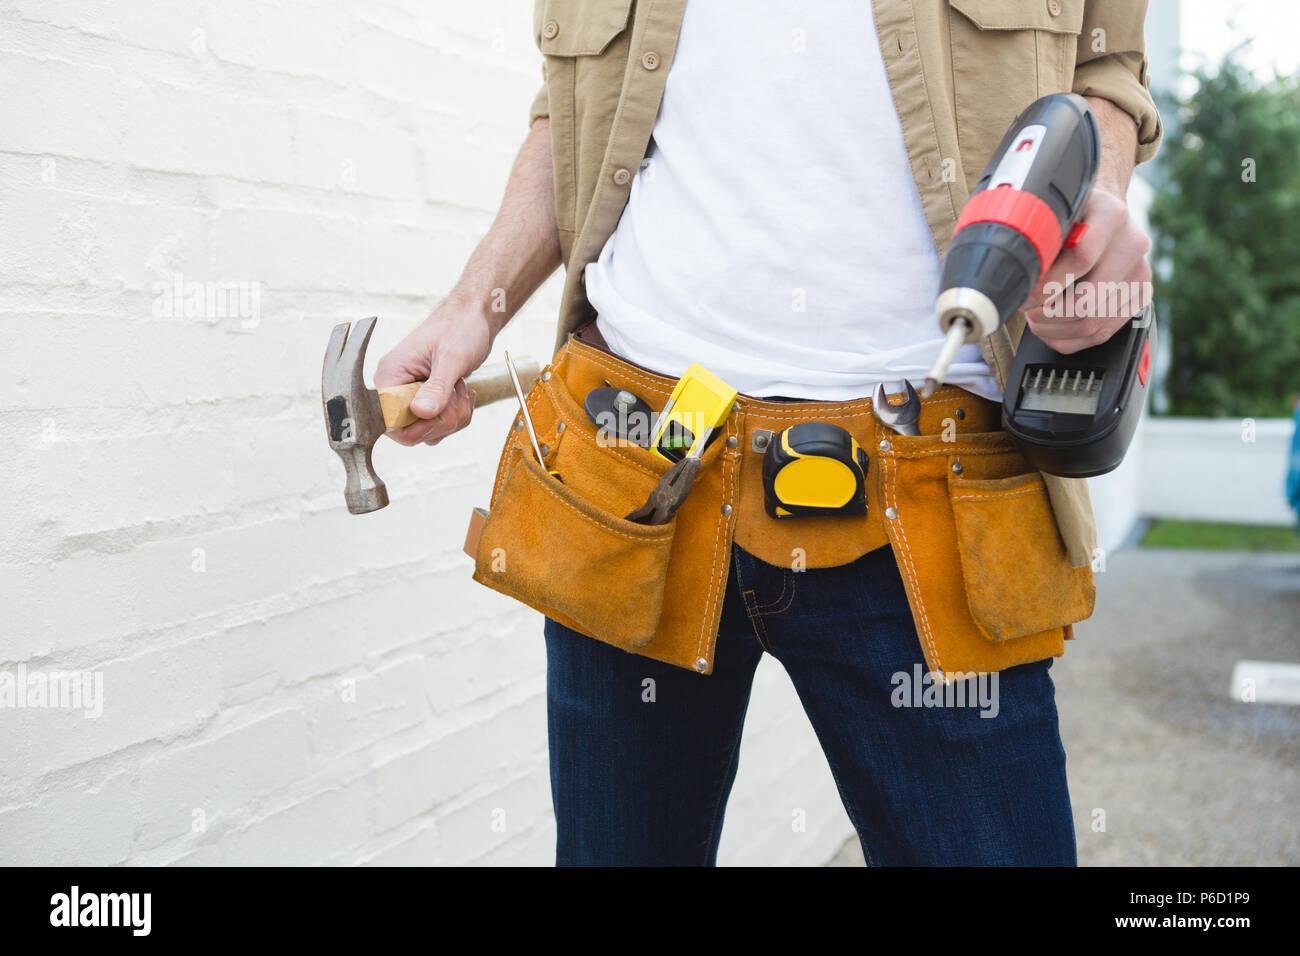 Male carpenter avec ceinture d'outils holding hammer et drill machine Banque D'Images